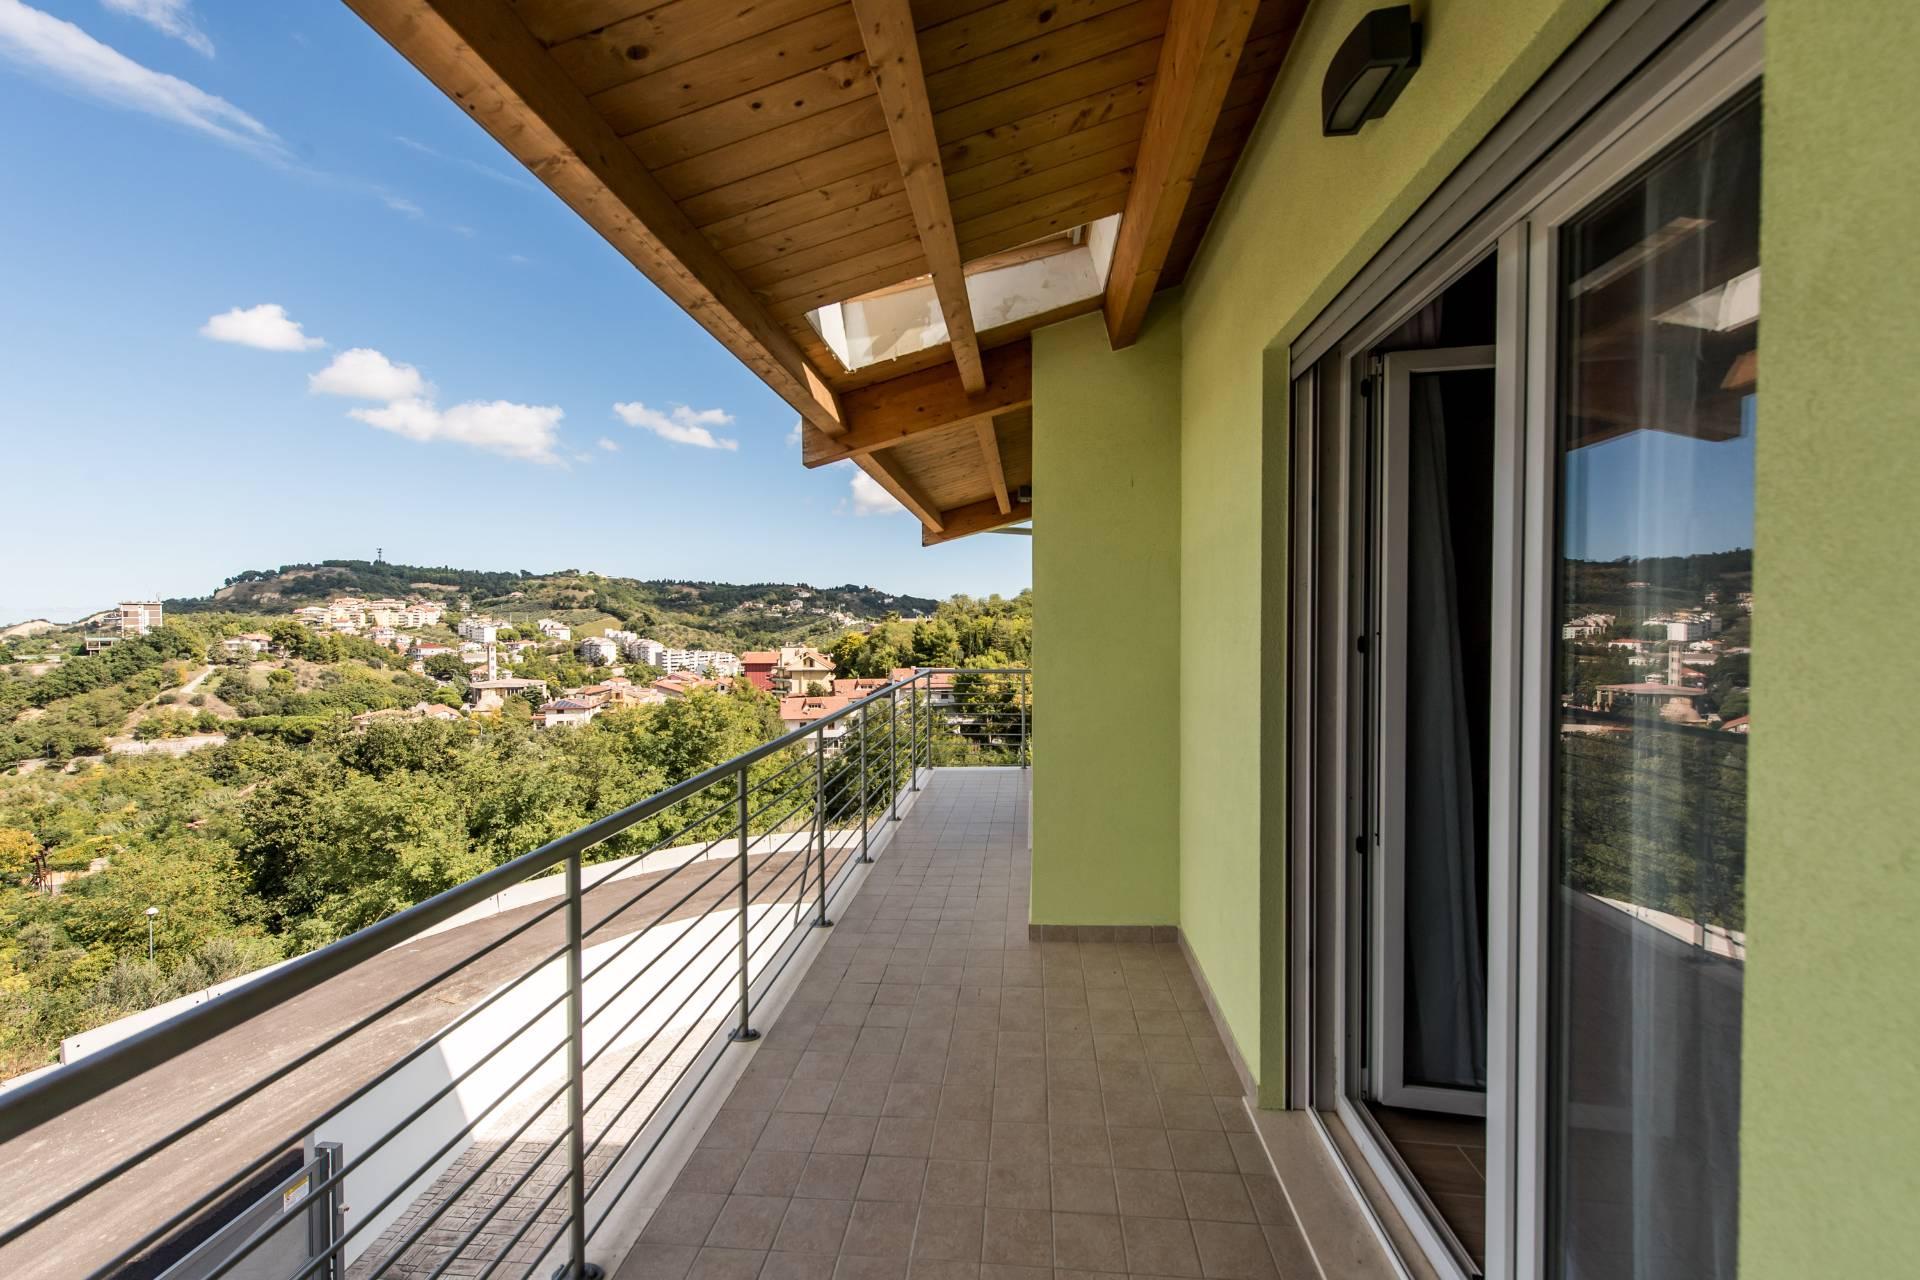 Villa in vendita a Chieti, 8 locali, zona Zona: Semicentro, prezzo € 480.000 | CambioCasa.it